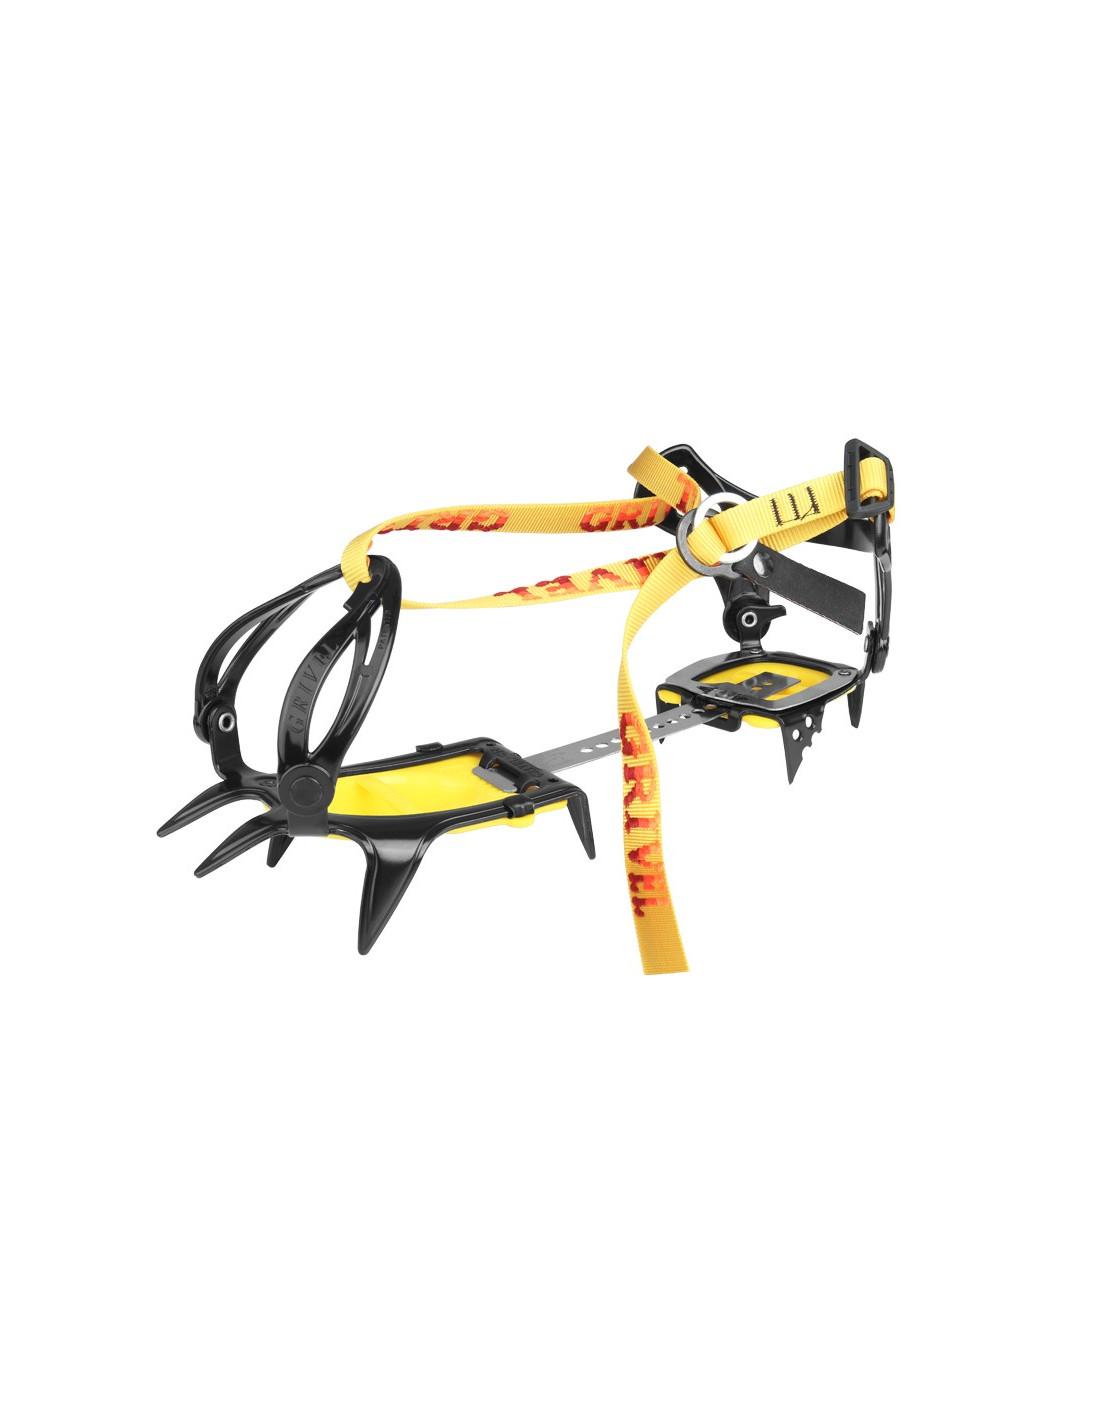 Grivel Steigeisen G10 Wide Steigeisenverwendung - Eisklettern, Zackenanzahl - 10